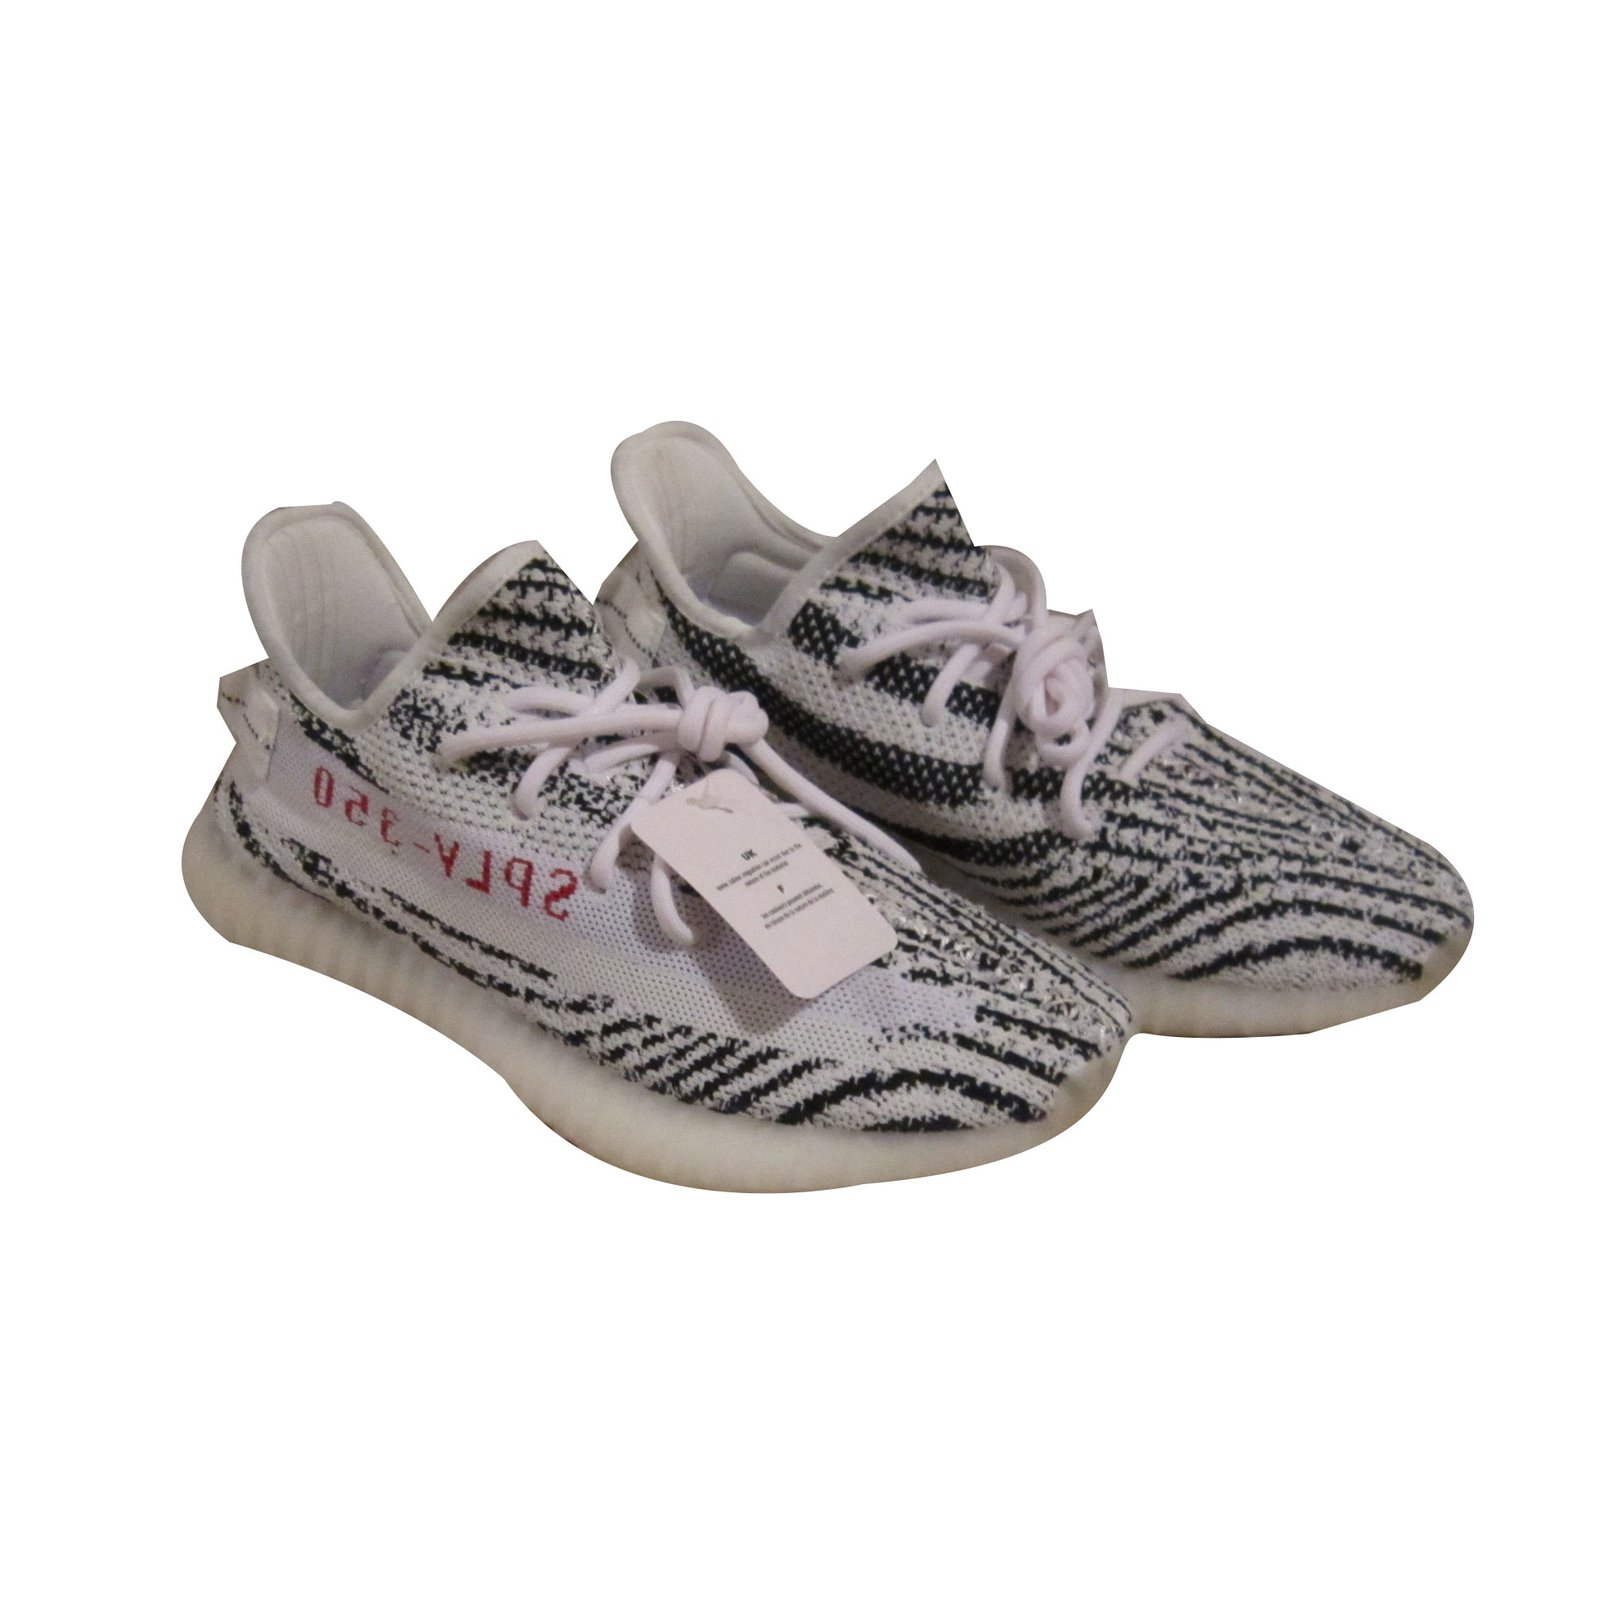 basket adidas yeezy zebra